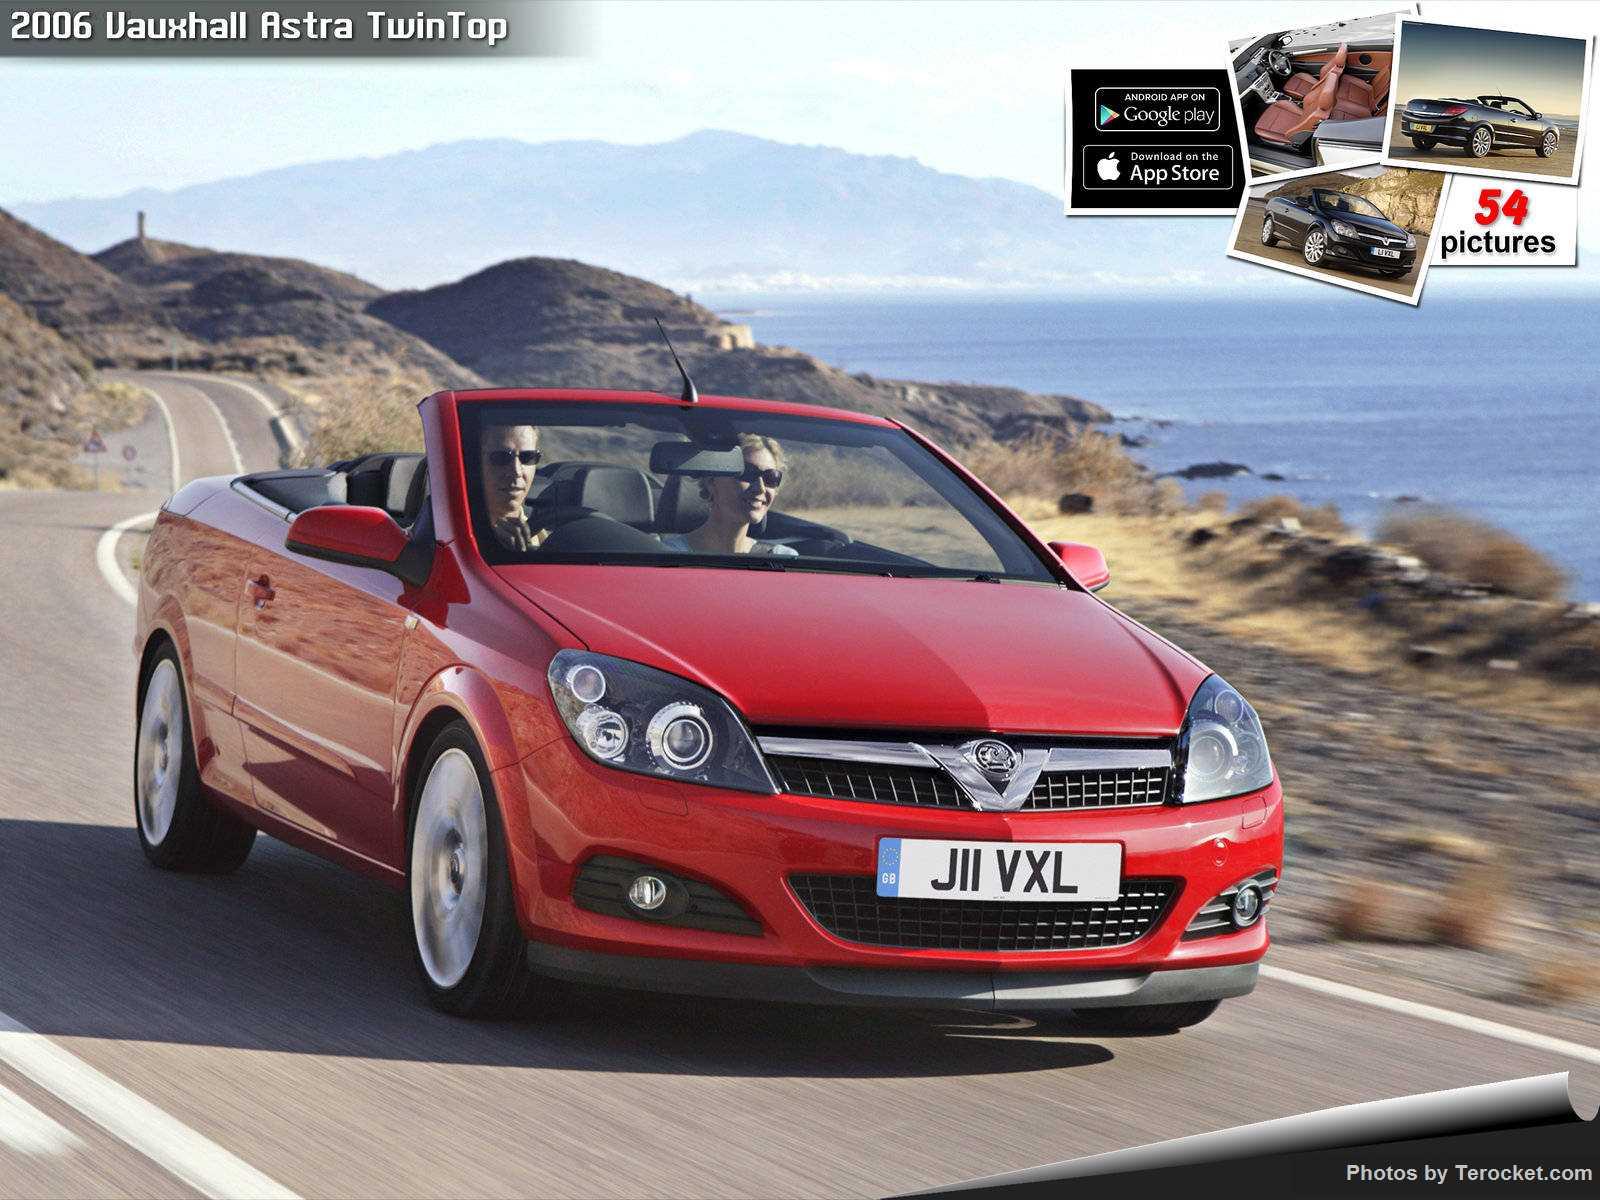 Hình ảnh xe ô tô Vauxhall Astra TwinTop 2006 & nội ngoại thất